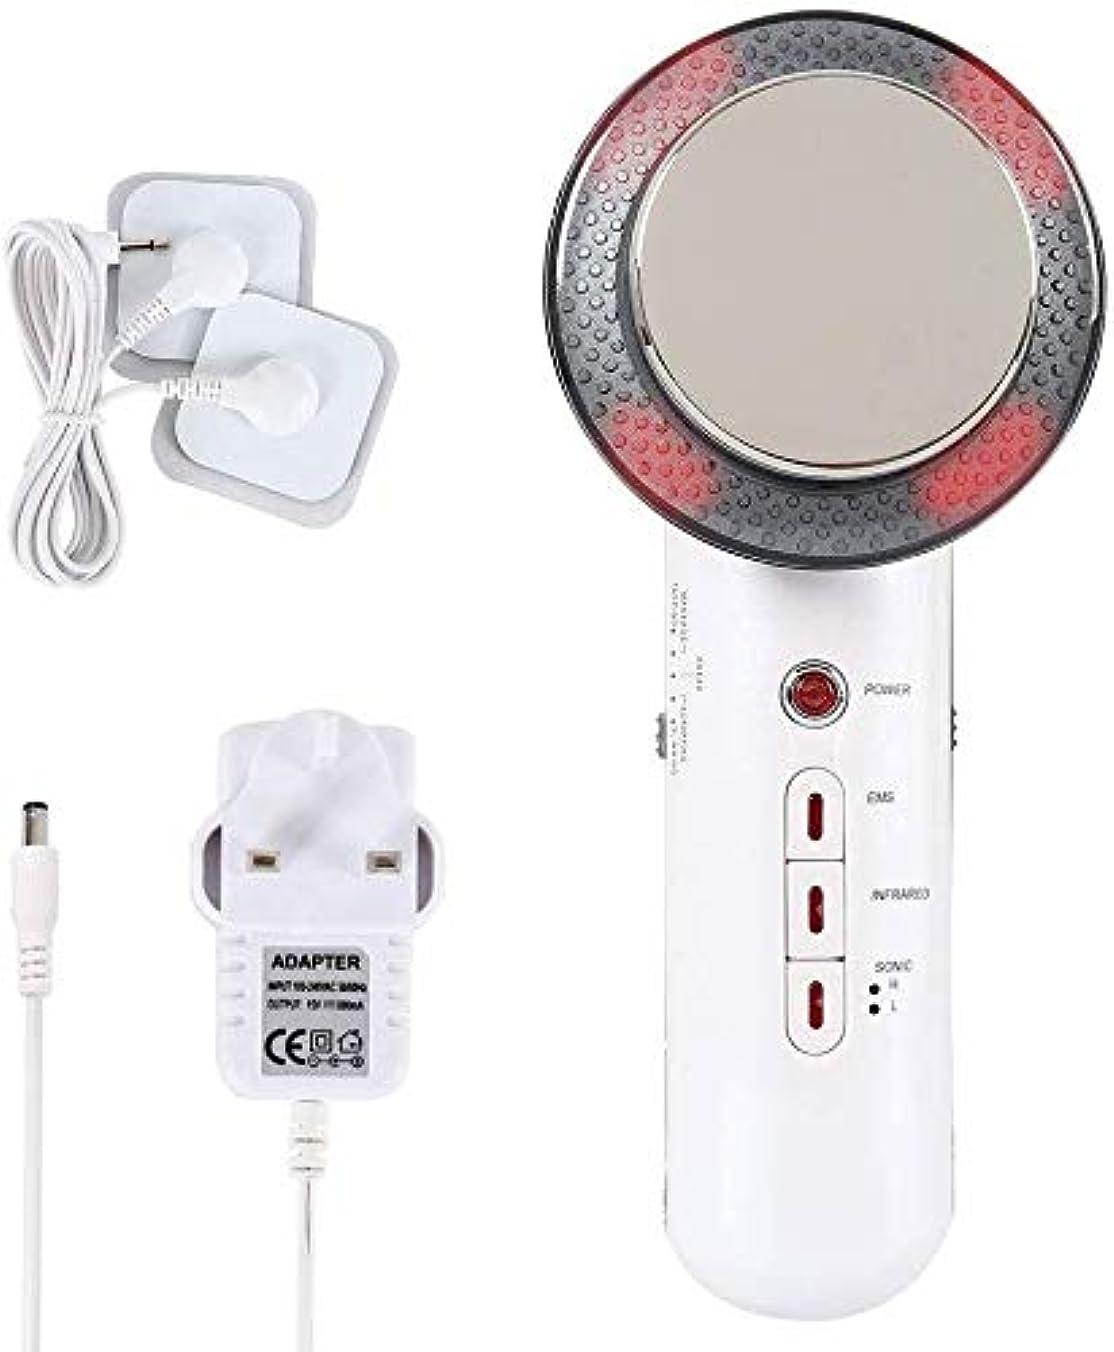 マガジン均等に感度超音波キャビテーション赤外光の振動ボディスリミングマッサージャーEMS美容ファットバーナーケアセルライト除去減量デバイス